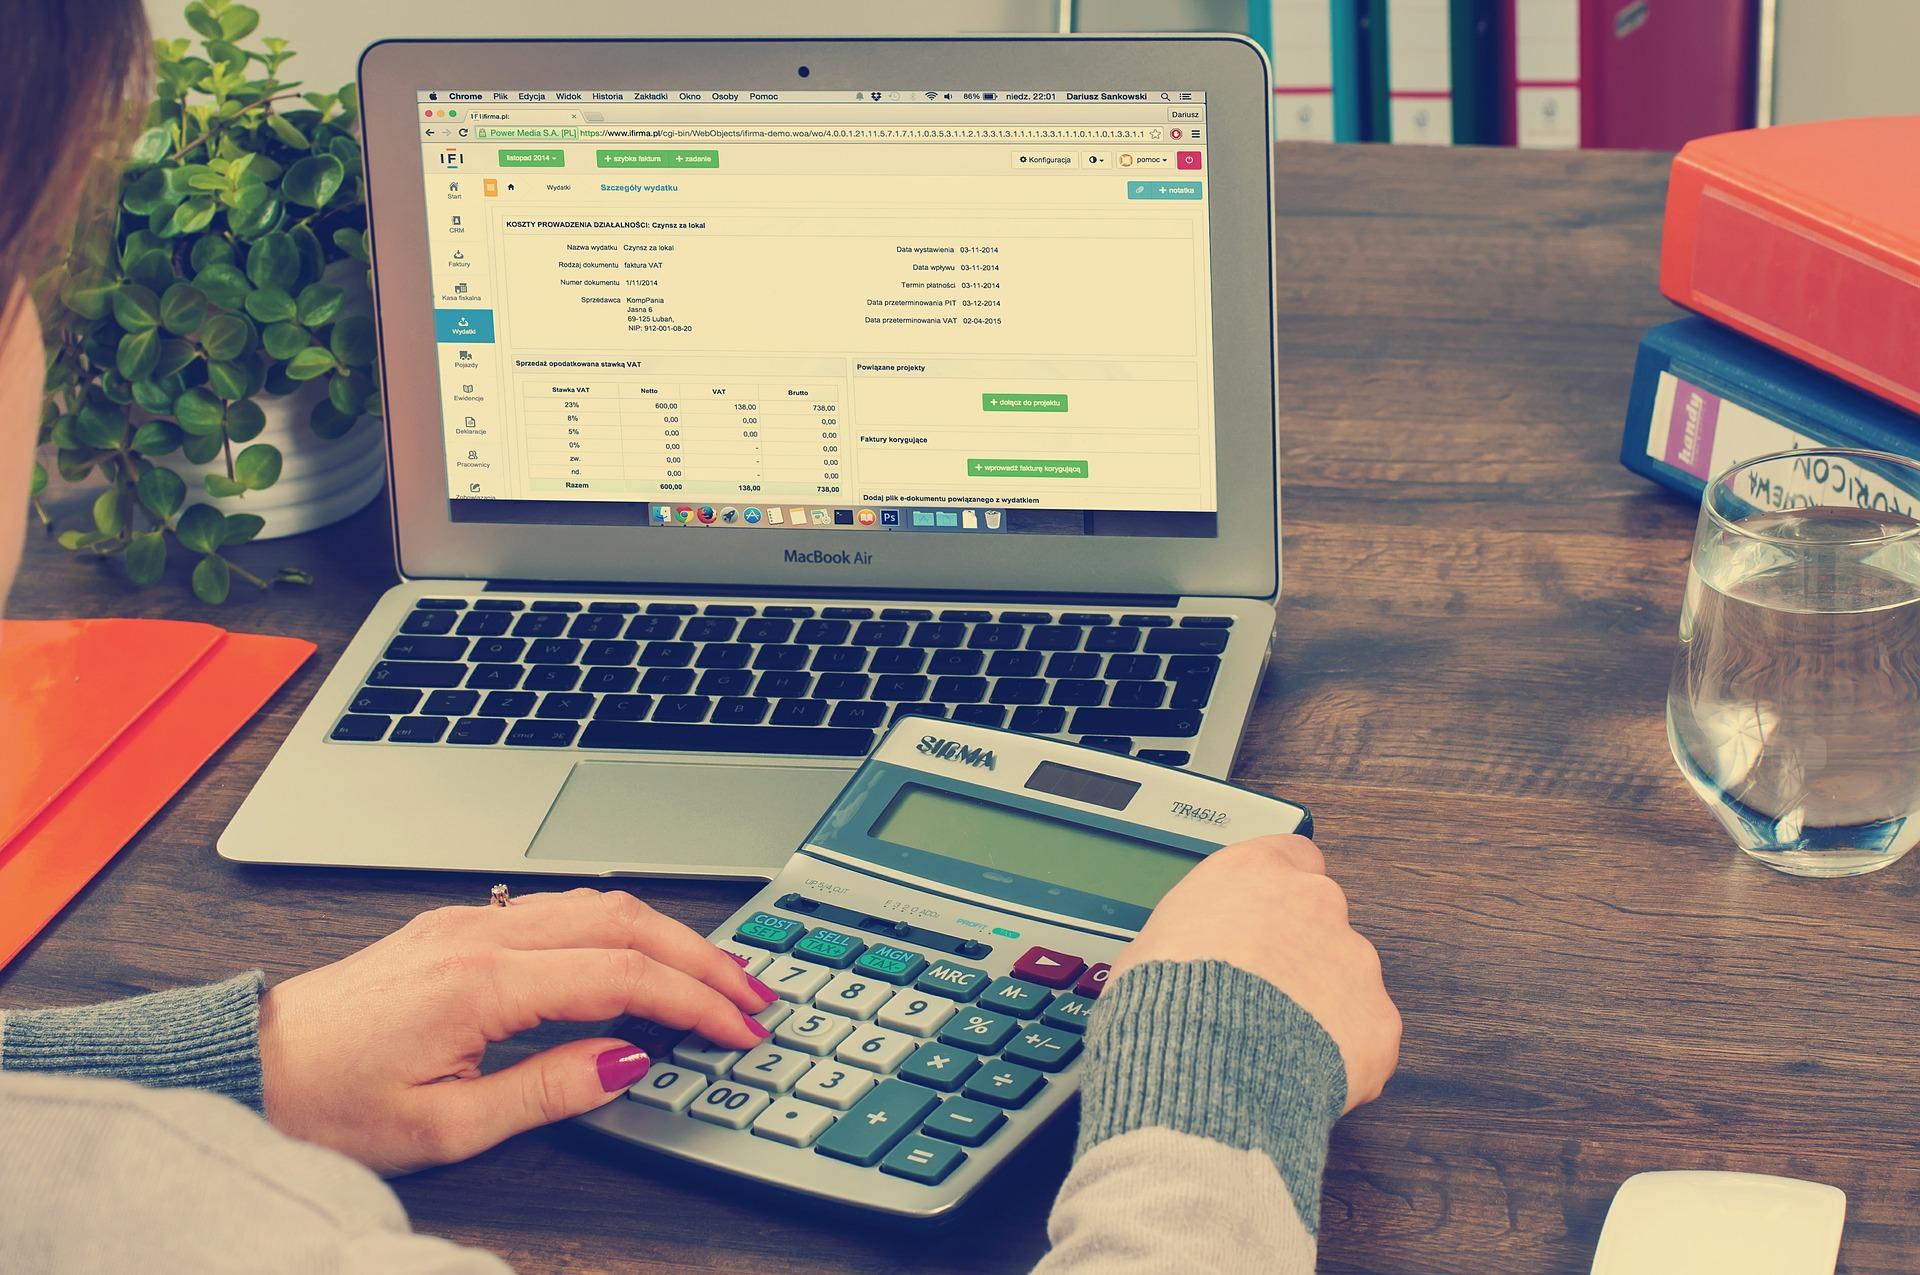 【年収アップ】転職で年収を上げる2つの方法